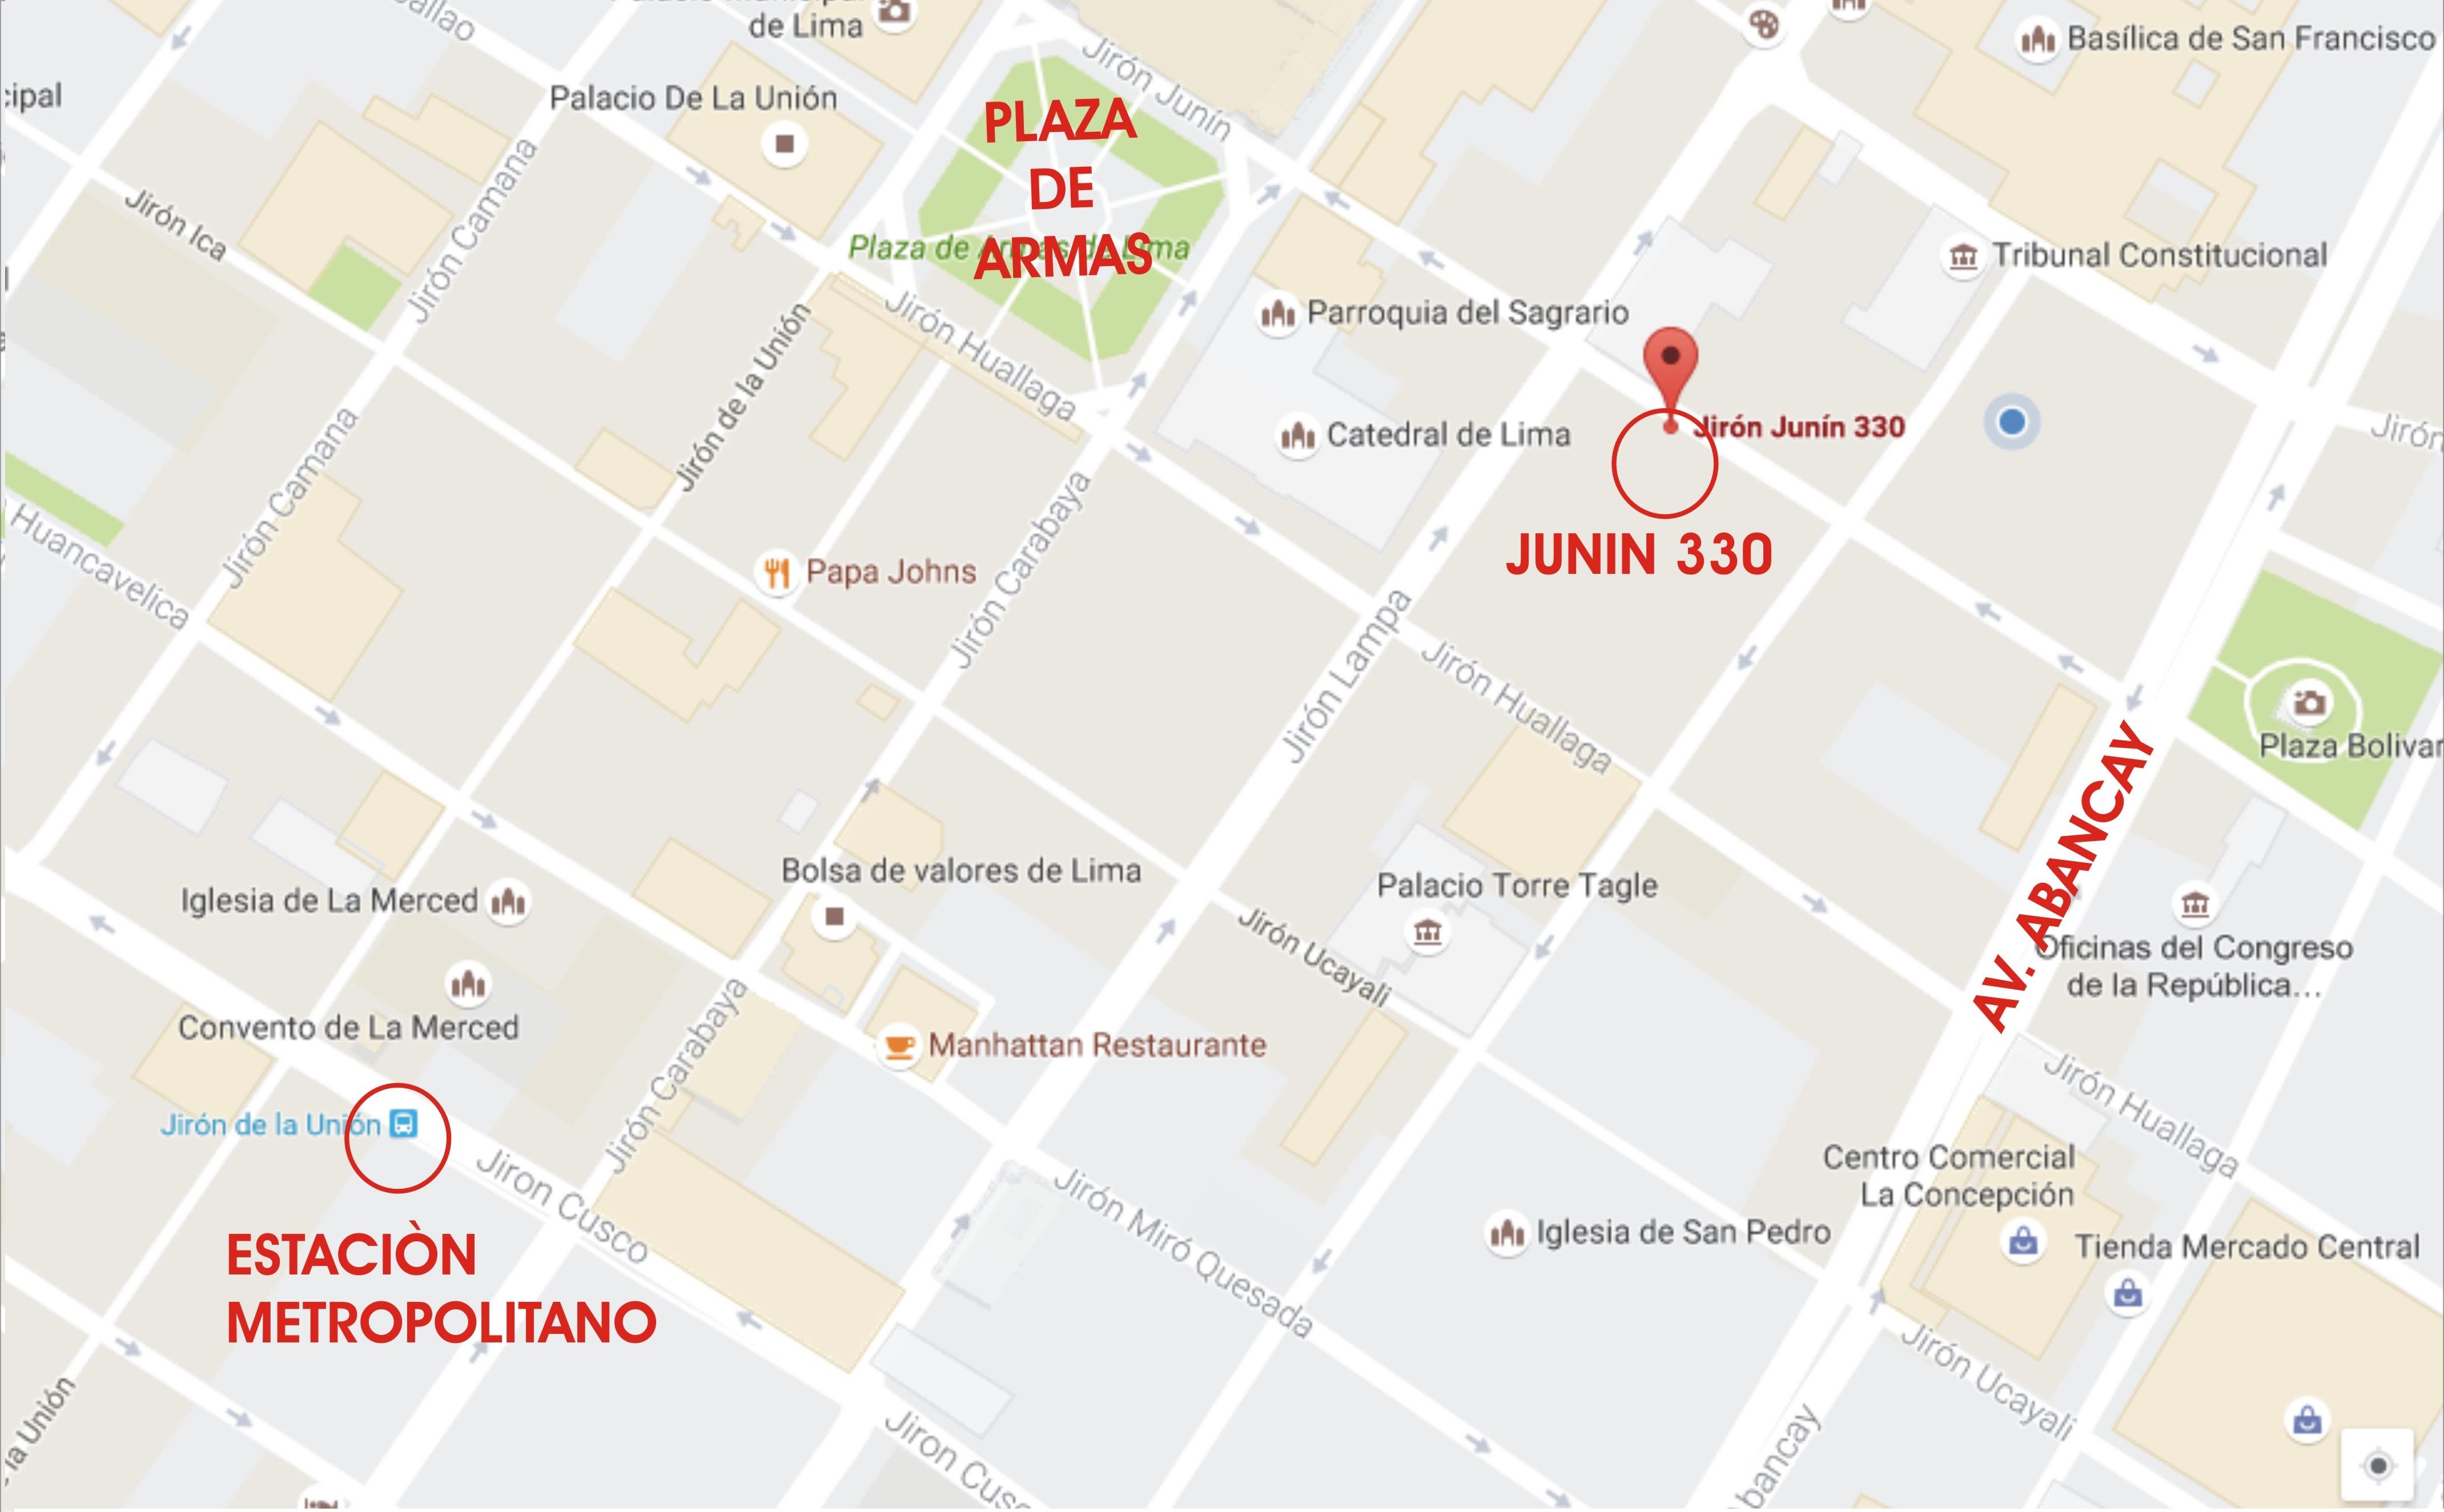 JR JUNIN 330 MAPA